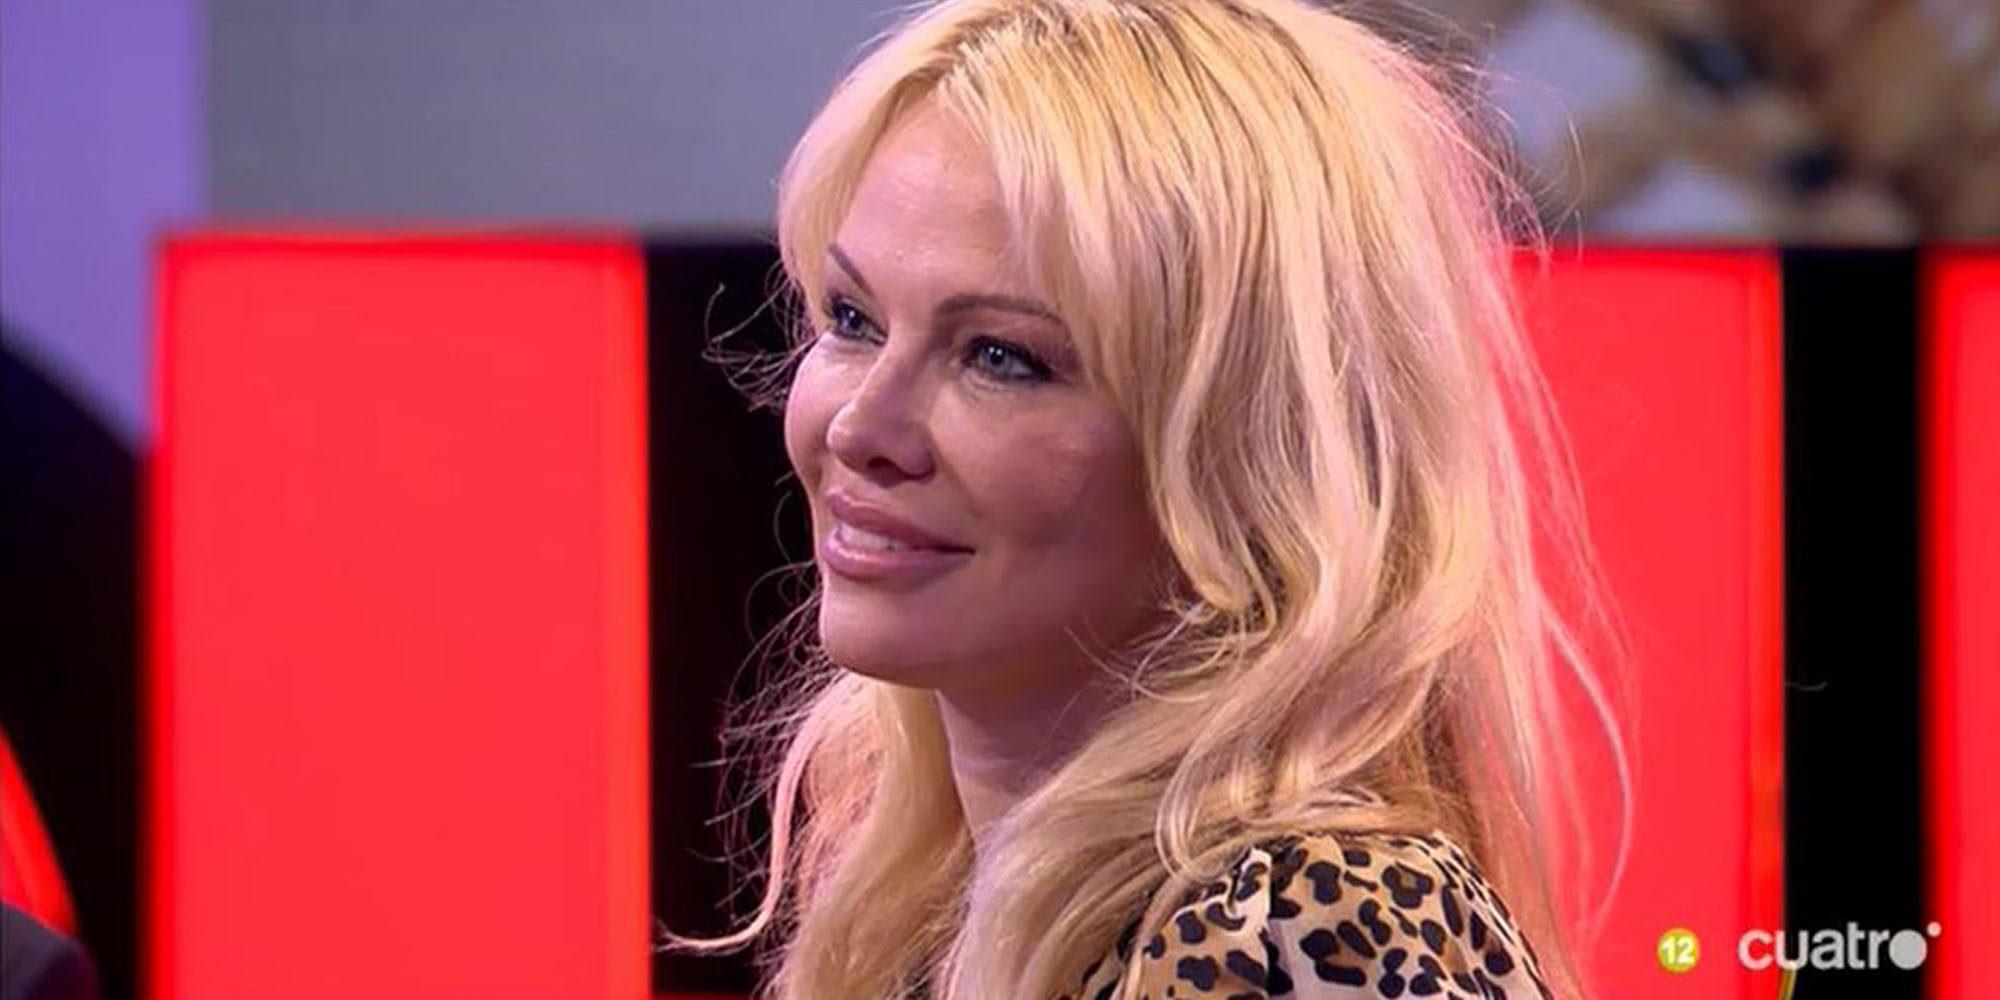 """Pamela Anderson: """"Me han ofrecido mucho dinero por compartir jacuzzi con algunas personas"""""""